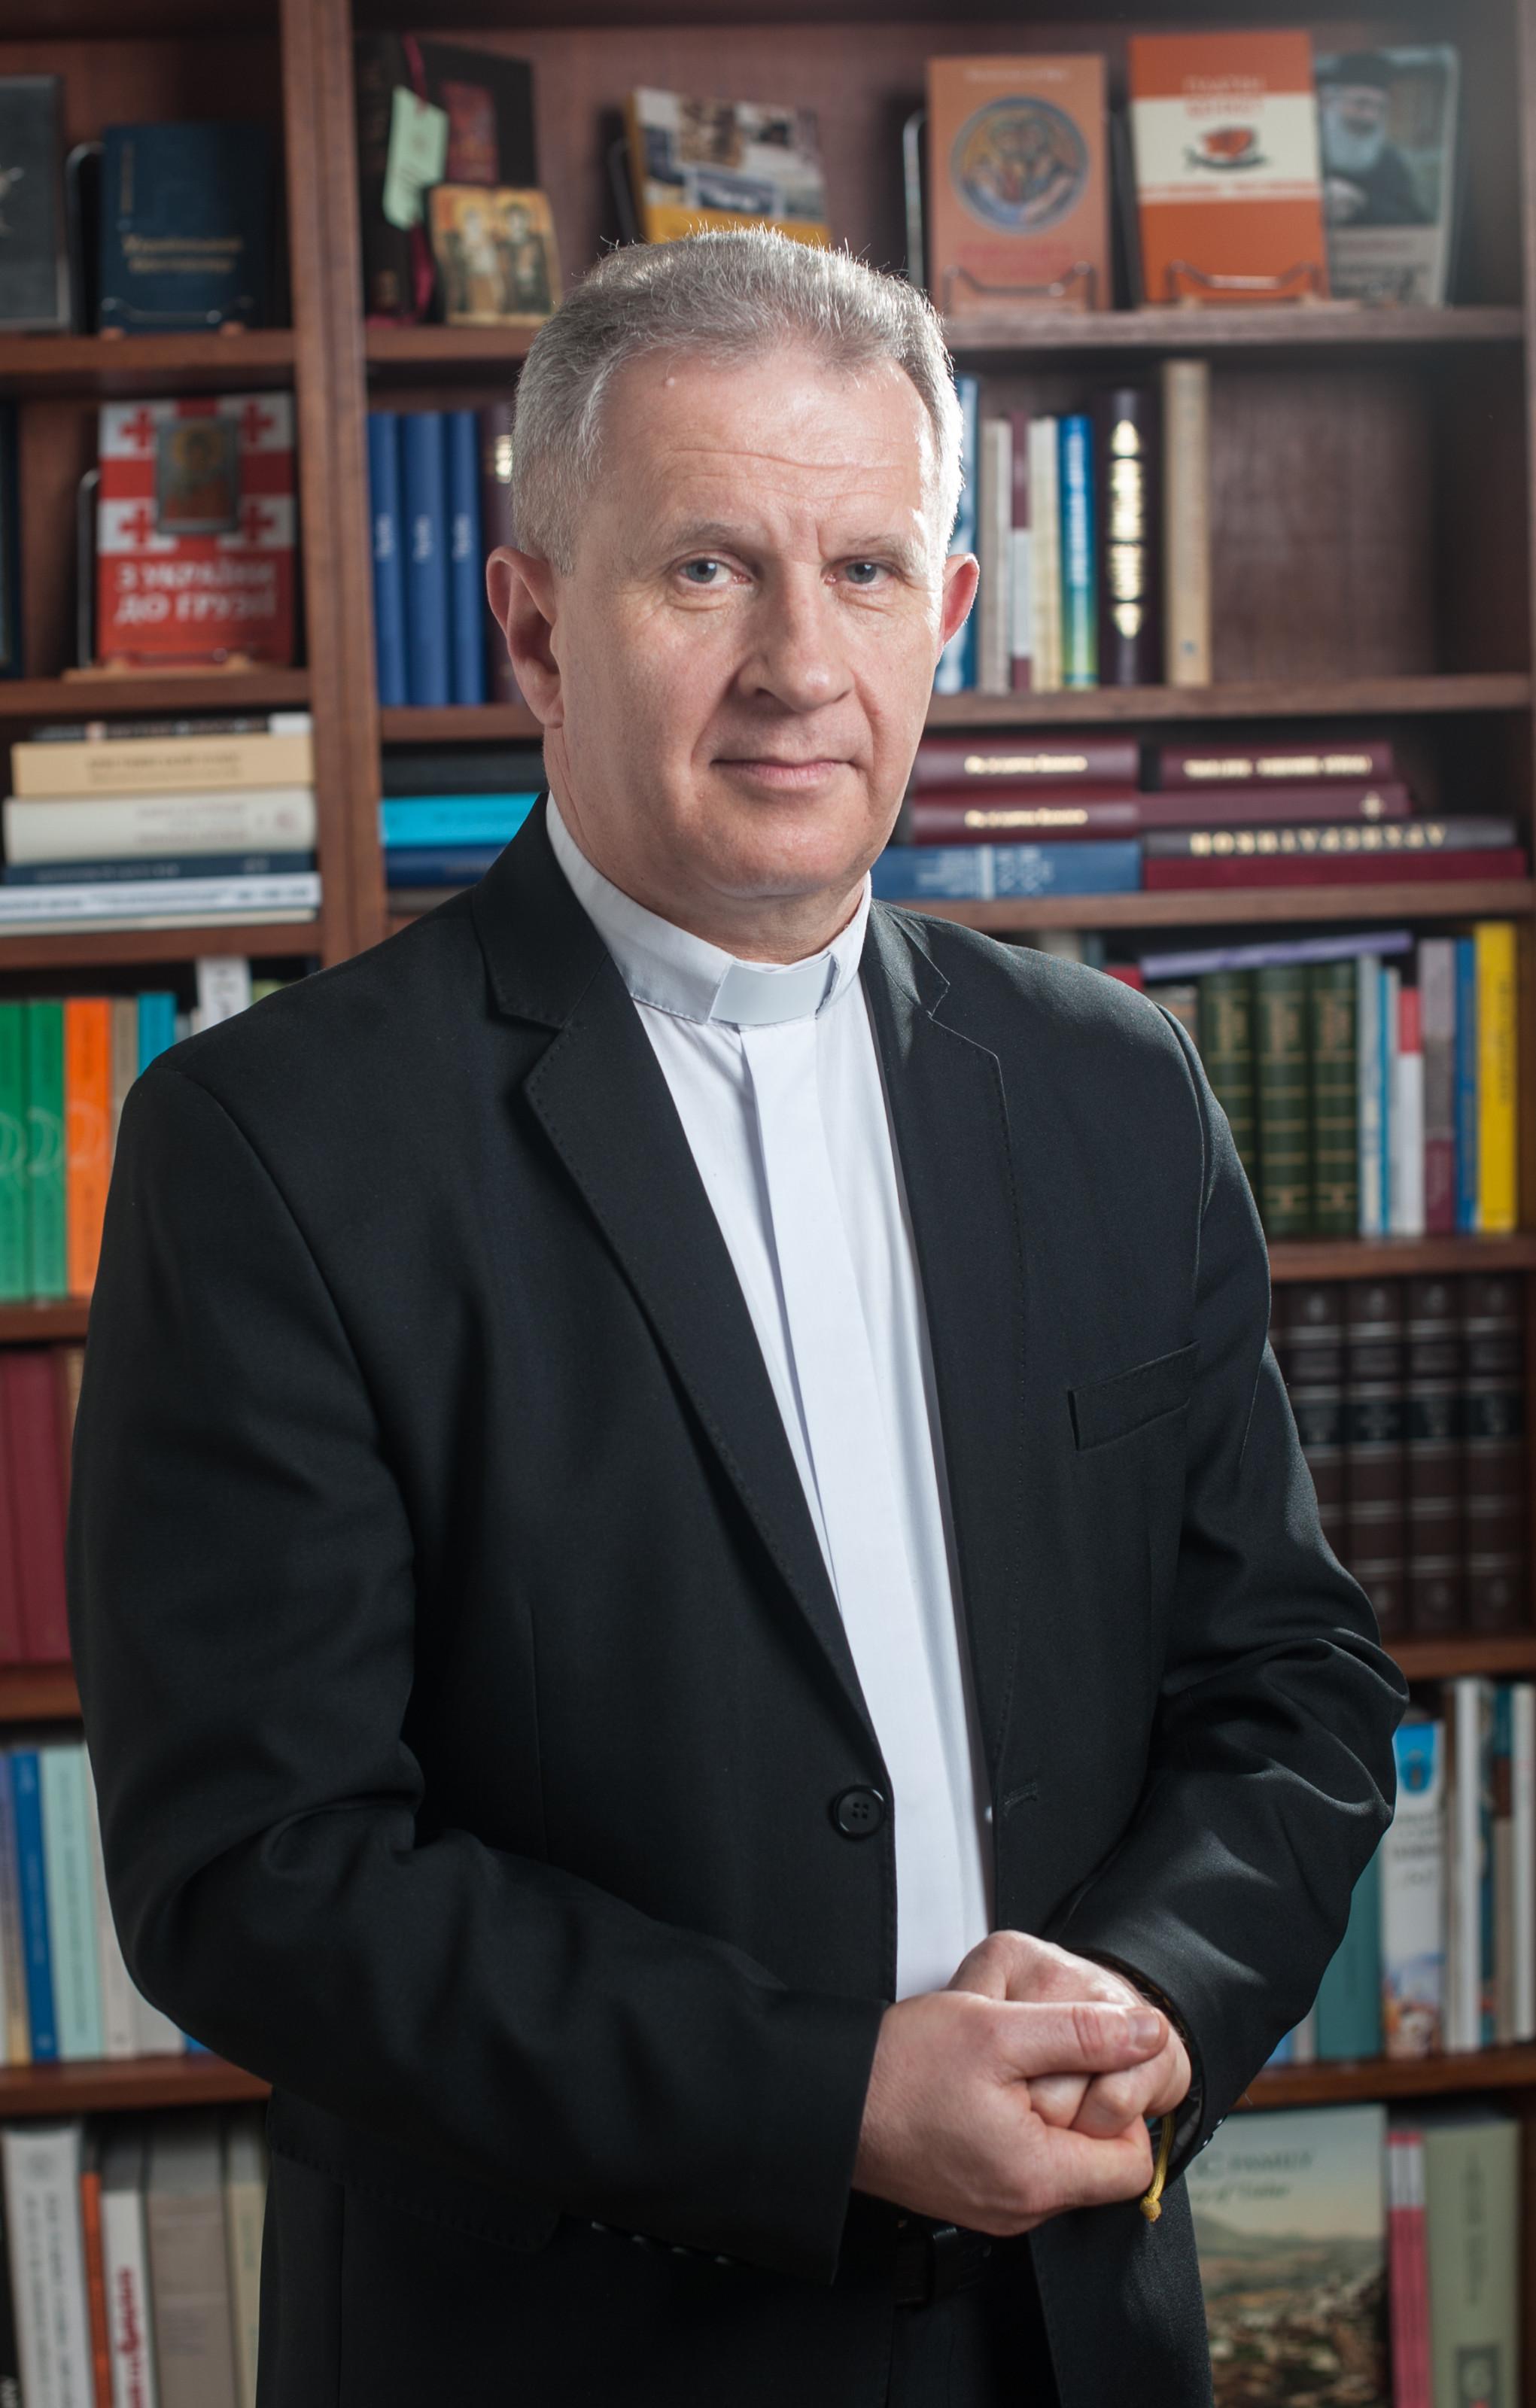 о. Богдан Прах (2 of 8)